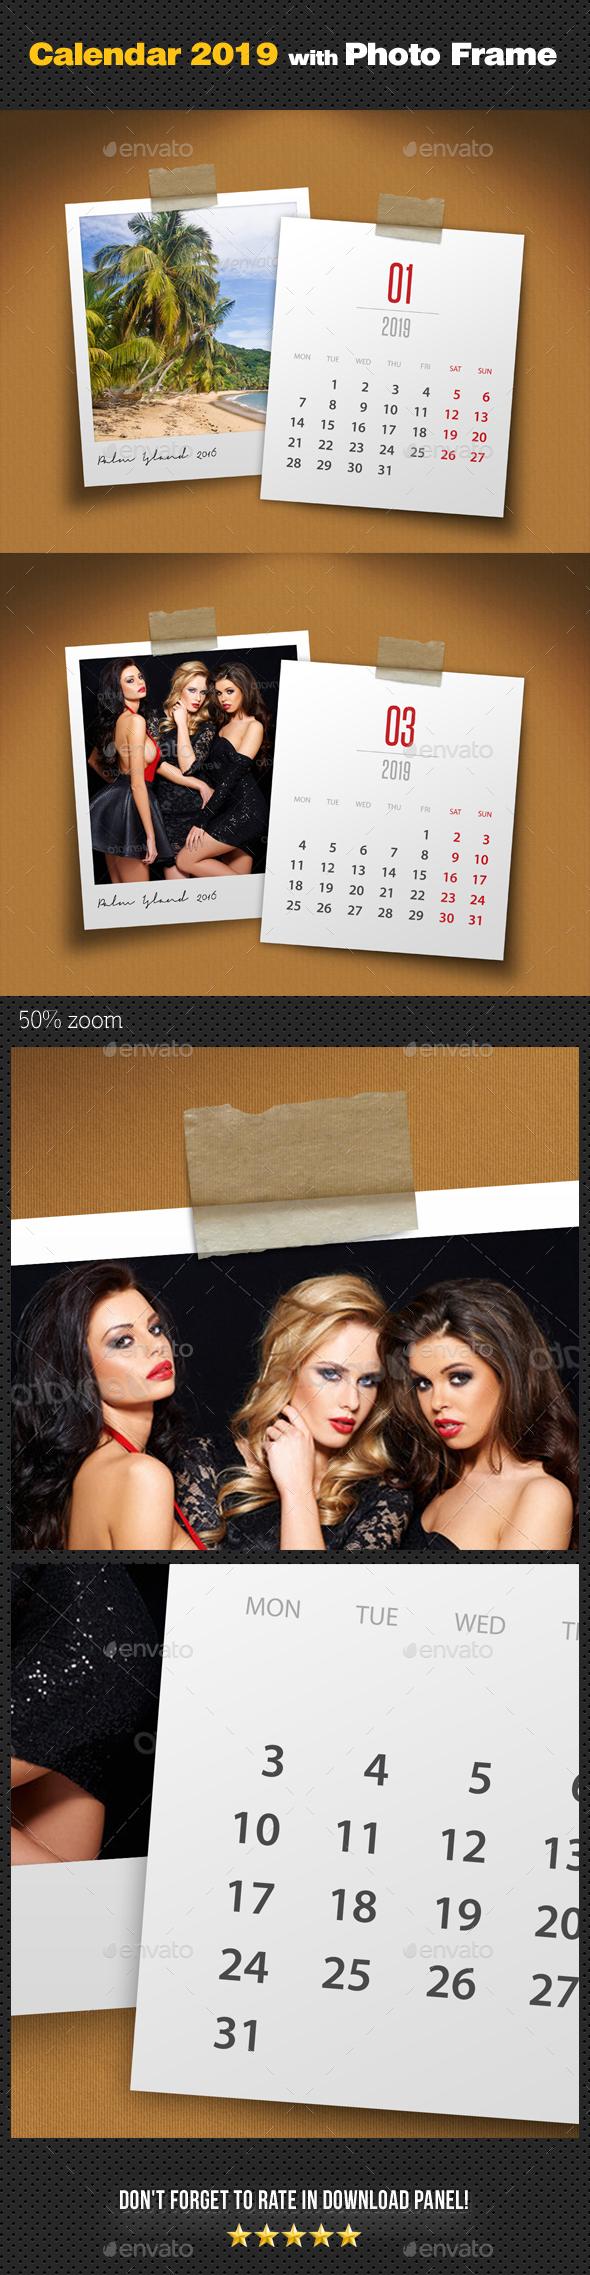 Customizable Calendar 2019 Photo Frame V04 - Miscellaneous Photo Templates